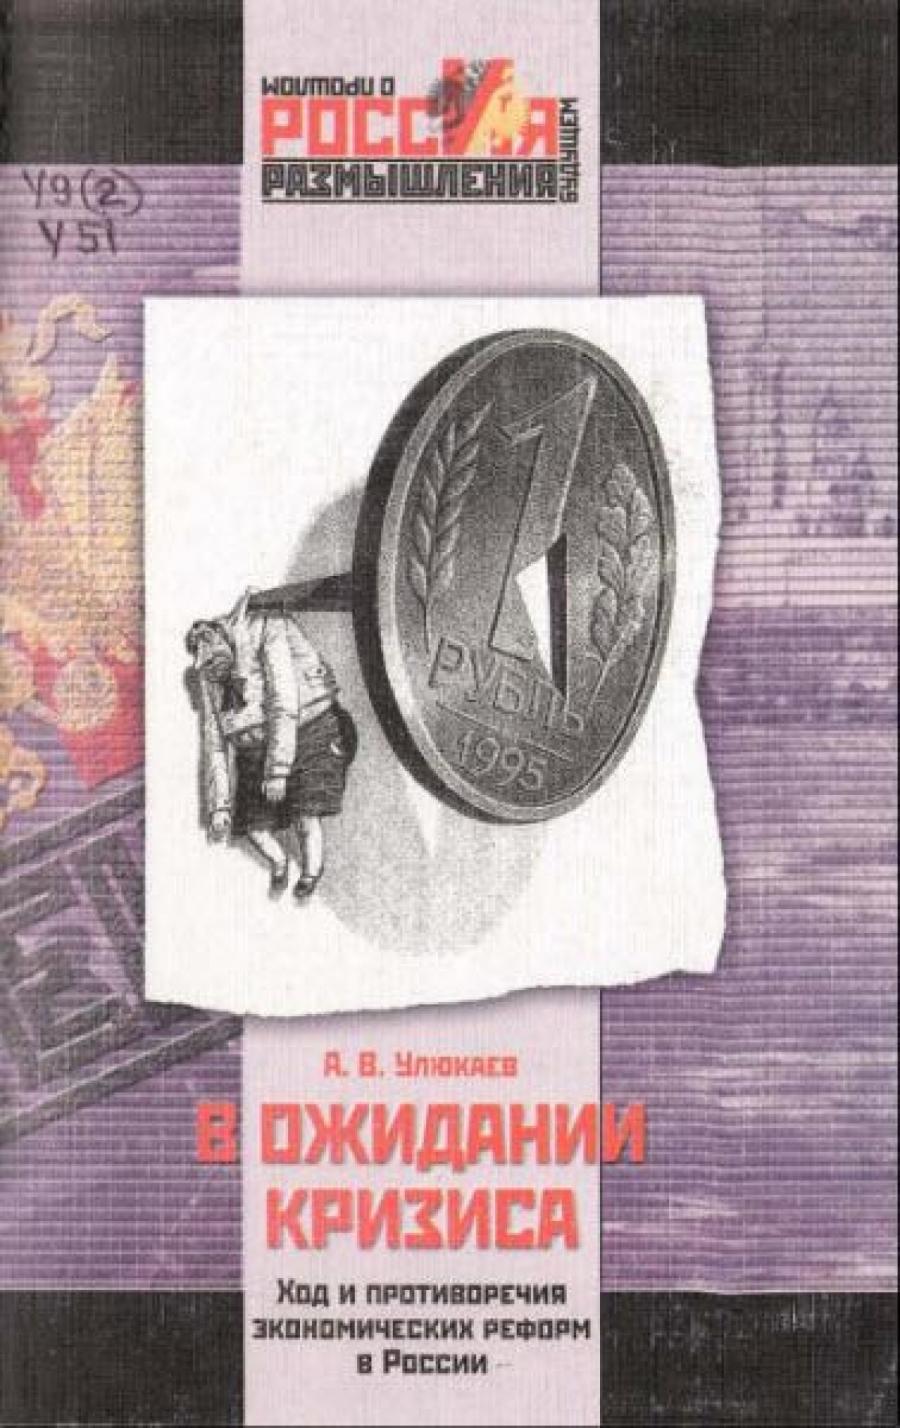 Обложка книги:  улюкаев а.в. - в ожидании кризиса. ход и противоречия экономических реформ в россии